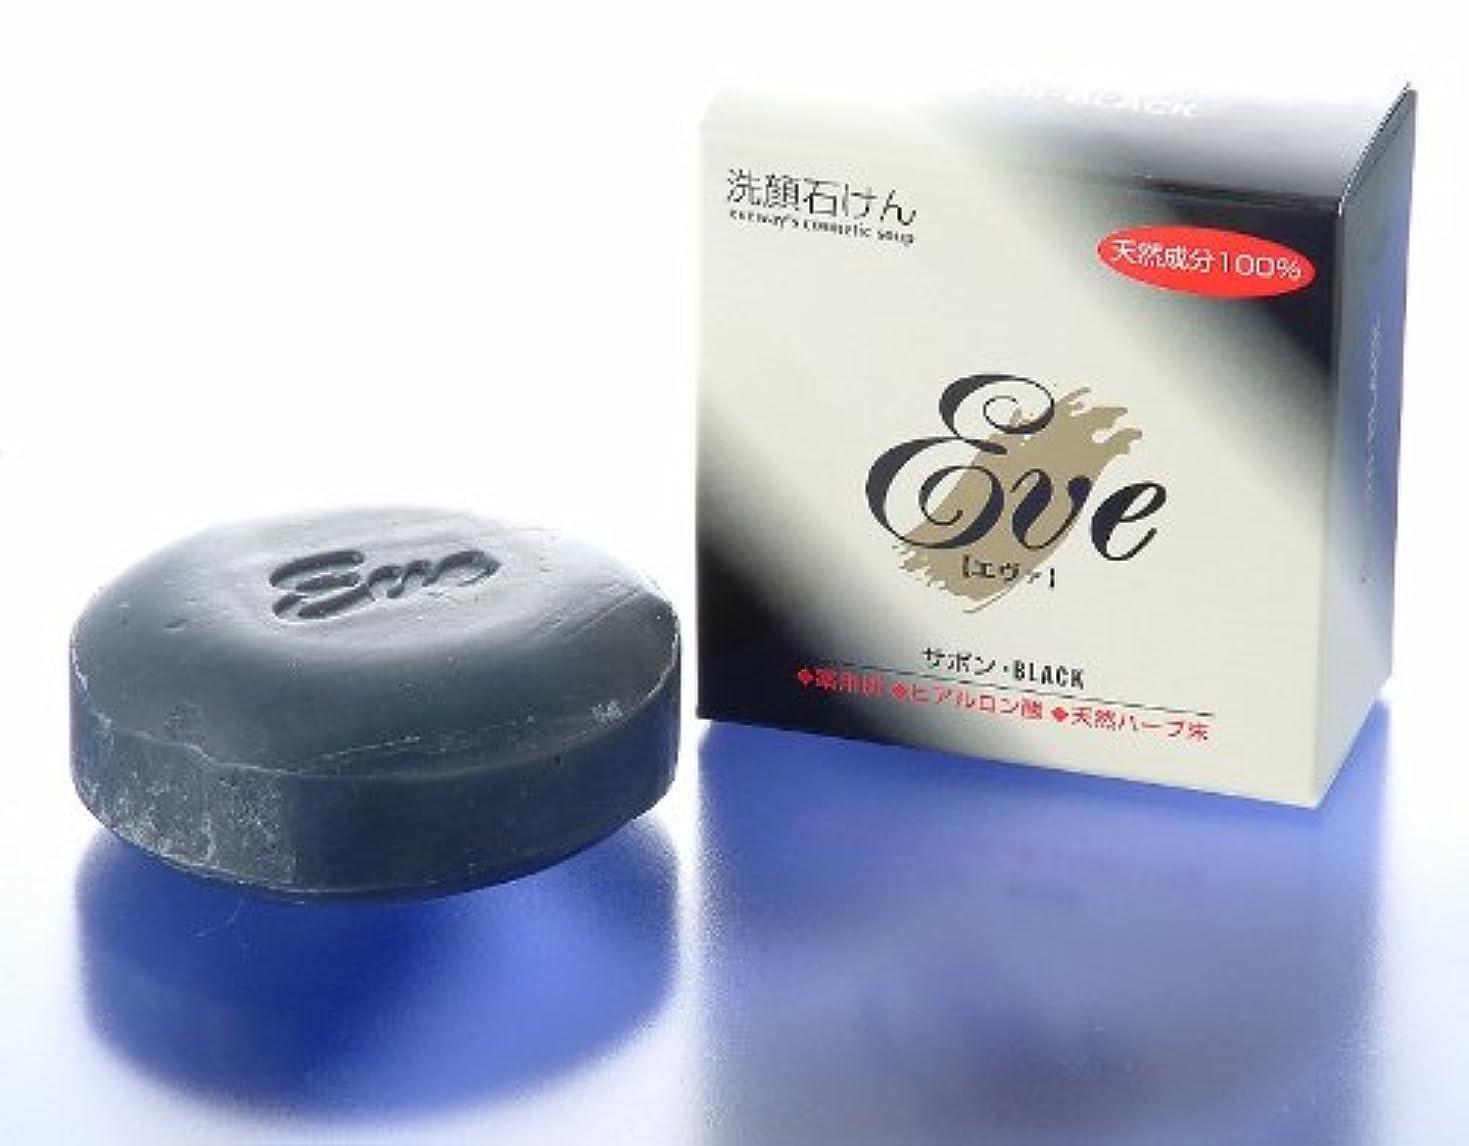 拡散する見捨てられたエアコン洗顔 化粧石鹸 サボンブラック クレンジングの要らない石鹸です。